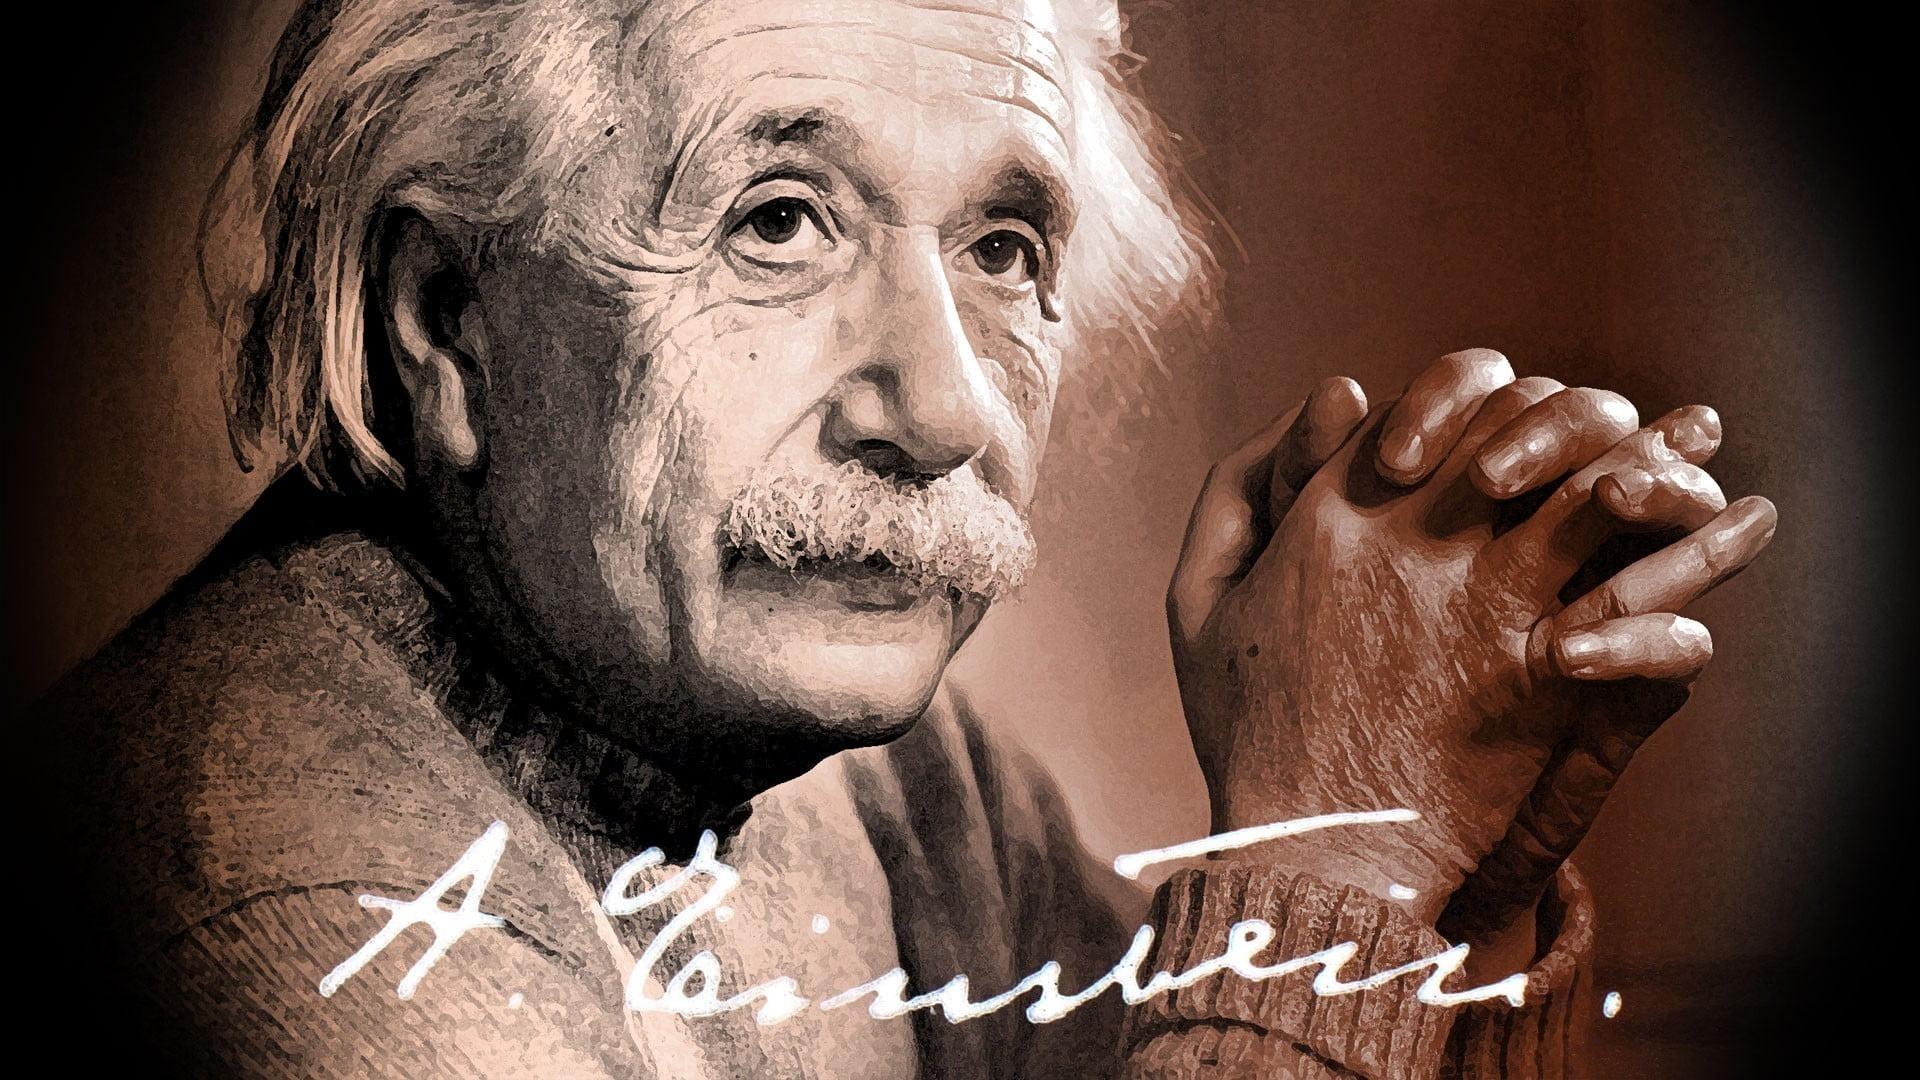 Albert Einstein wallpaper image hd